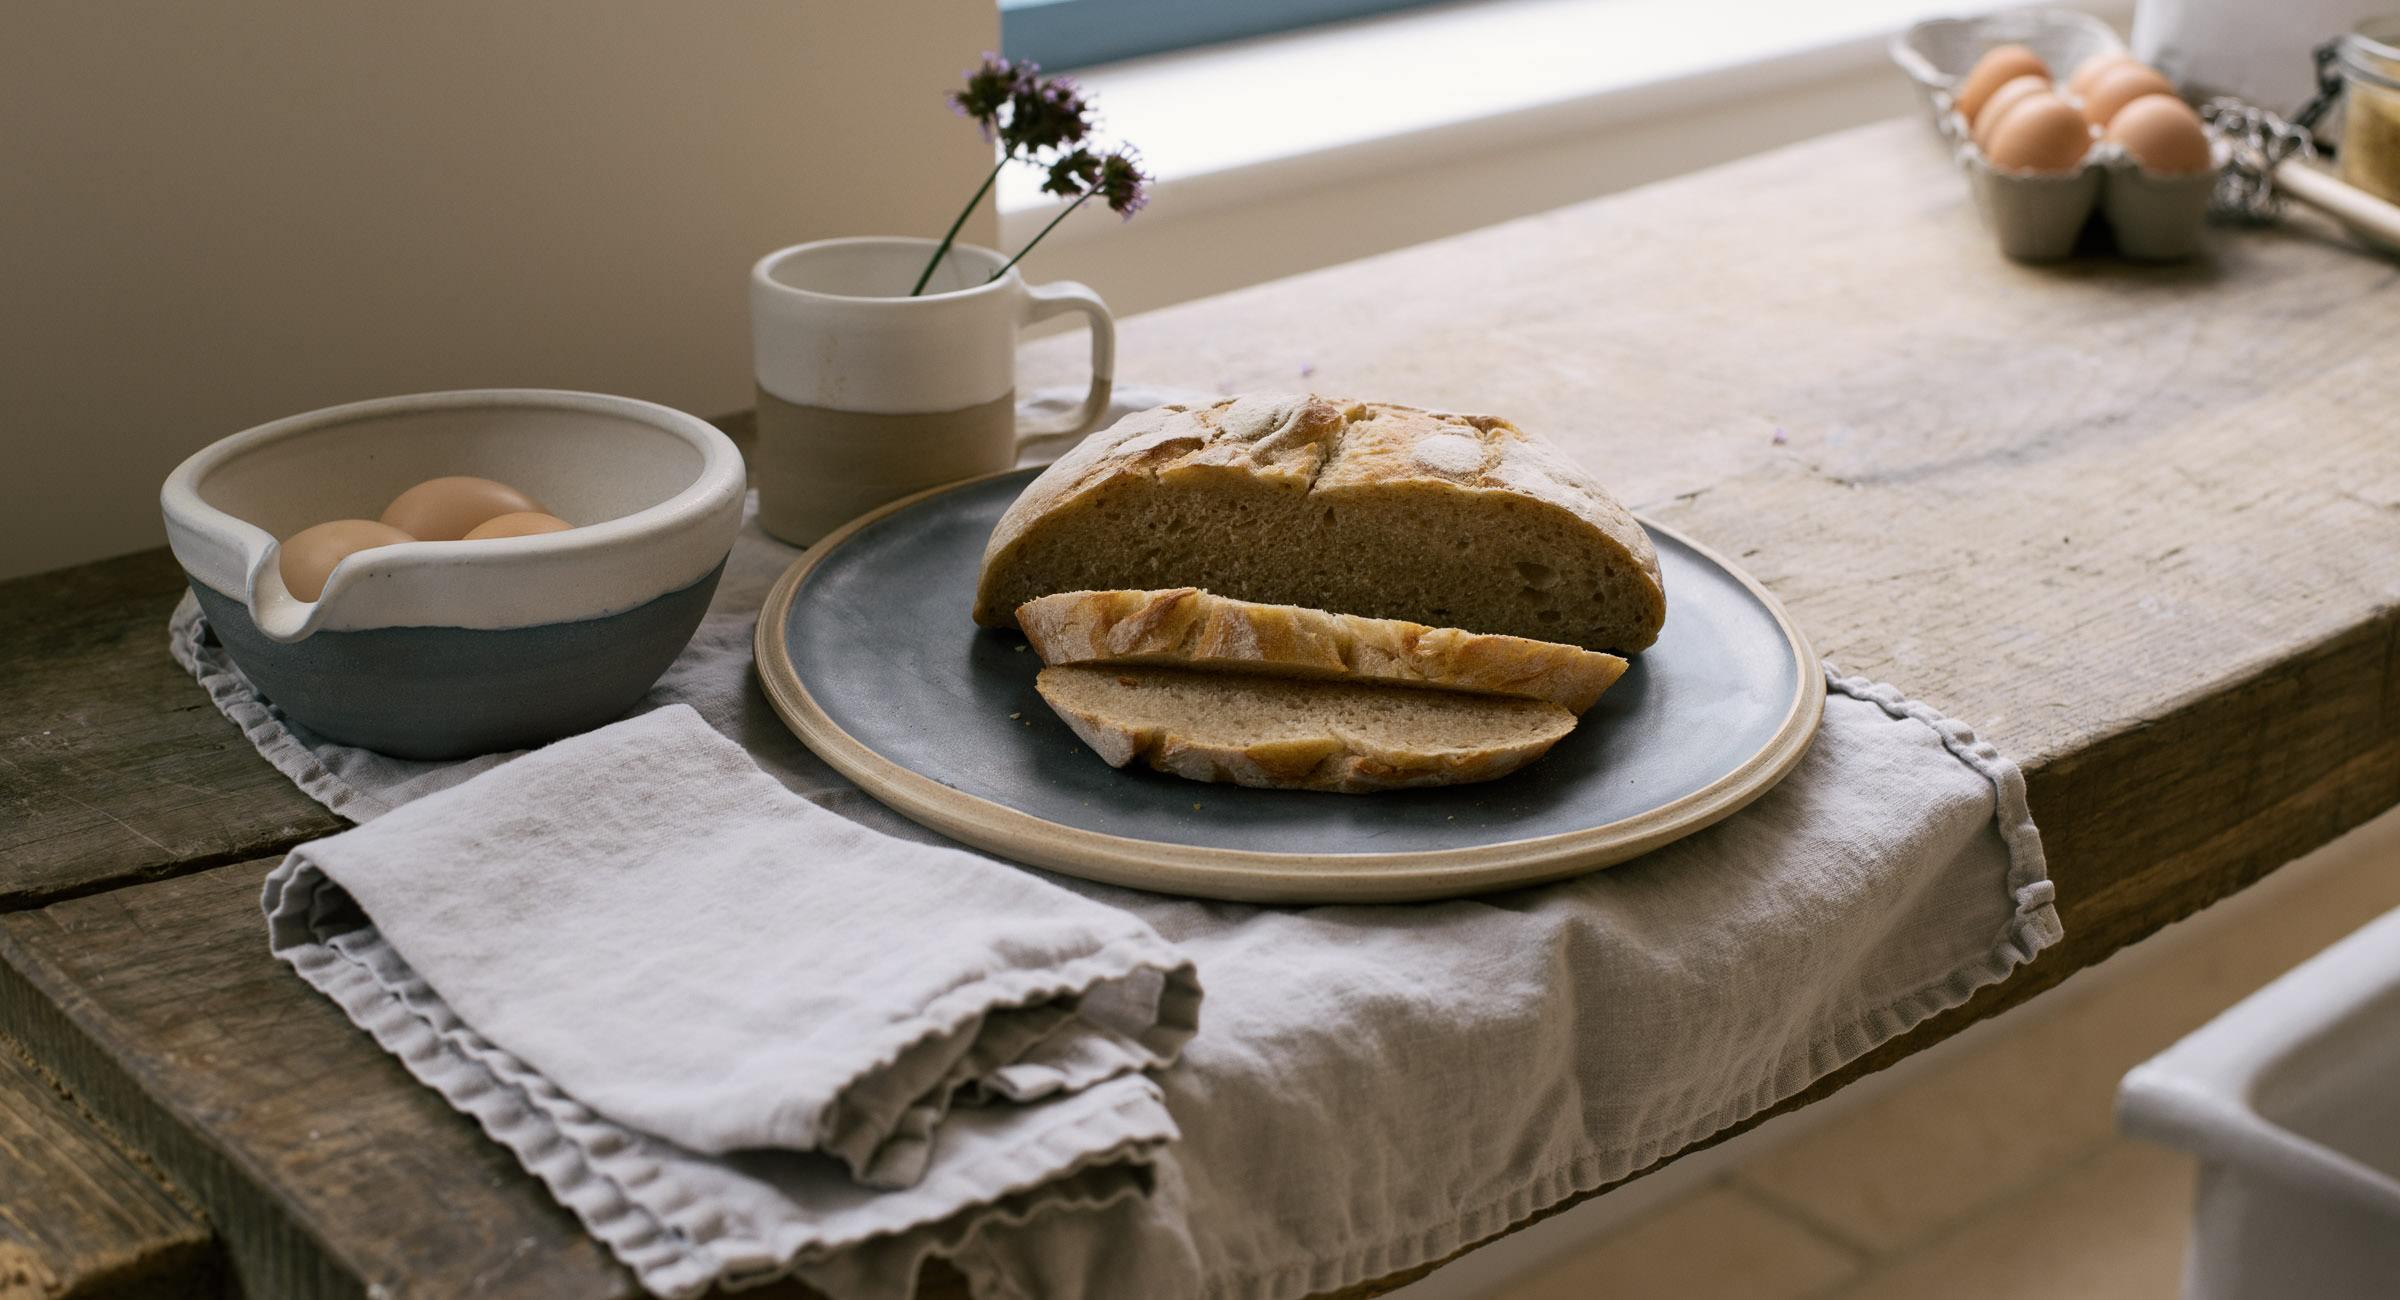 deVOL Kitchenware photo 9